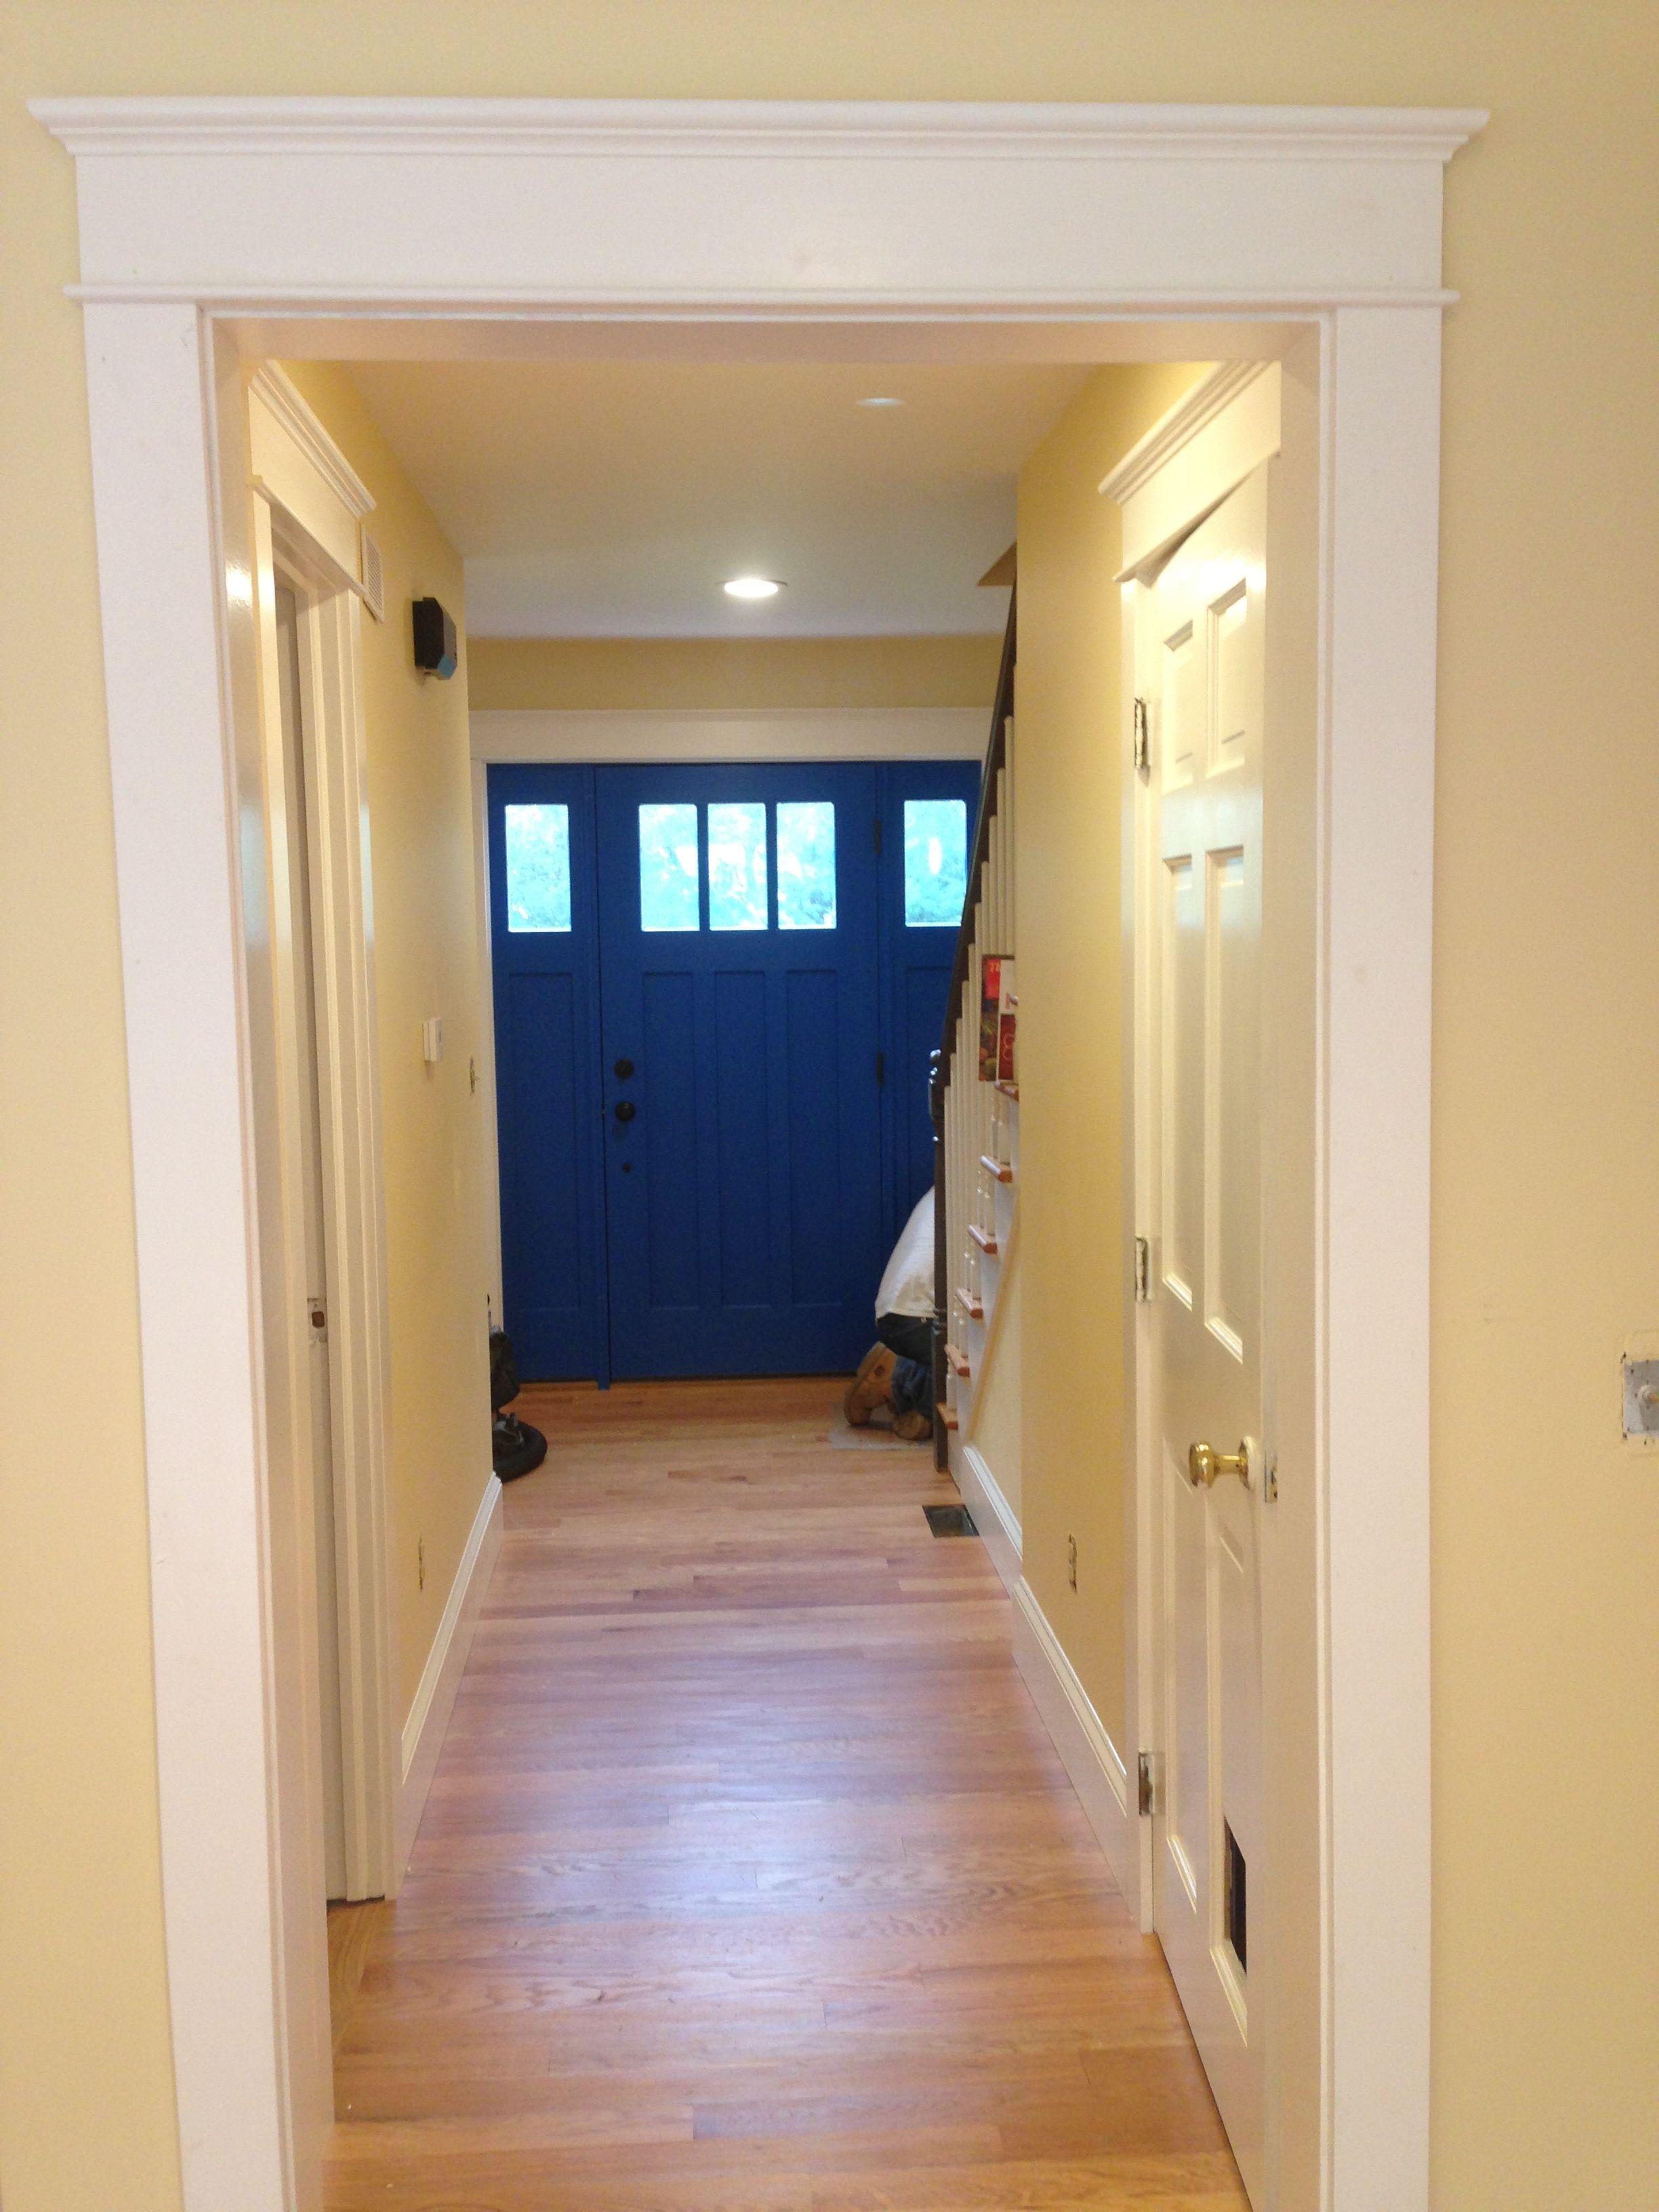 My Beautiful Blue Front Door Door Is Behr Color Blue Ocean Walls Are Behr Color Pale Honey And